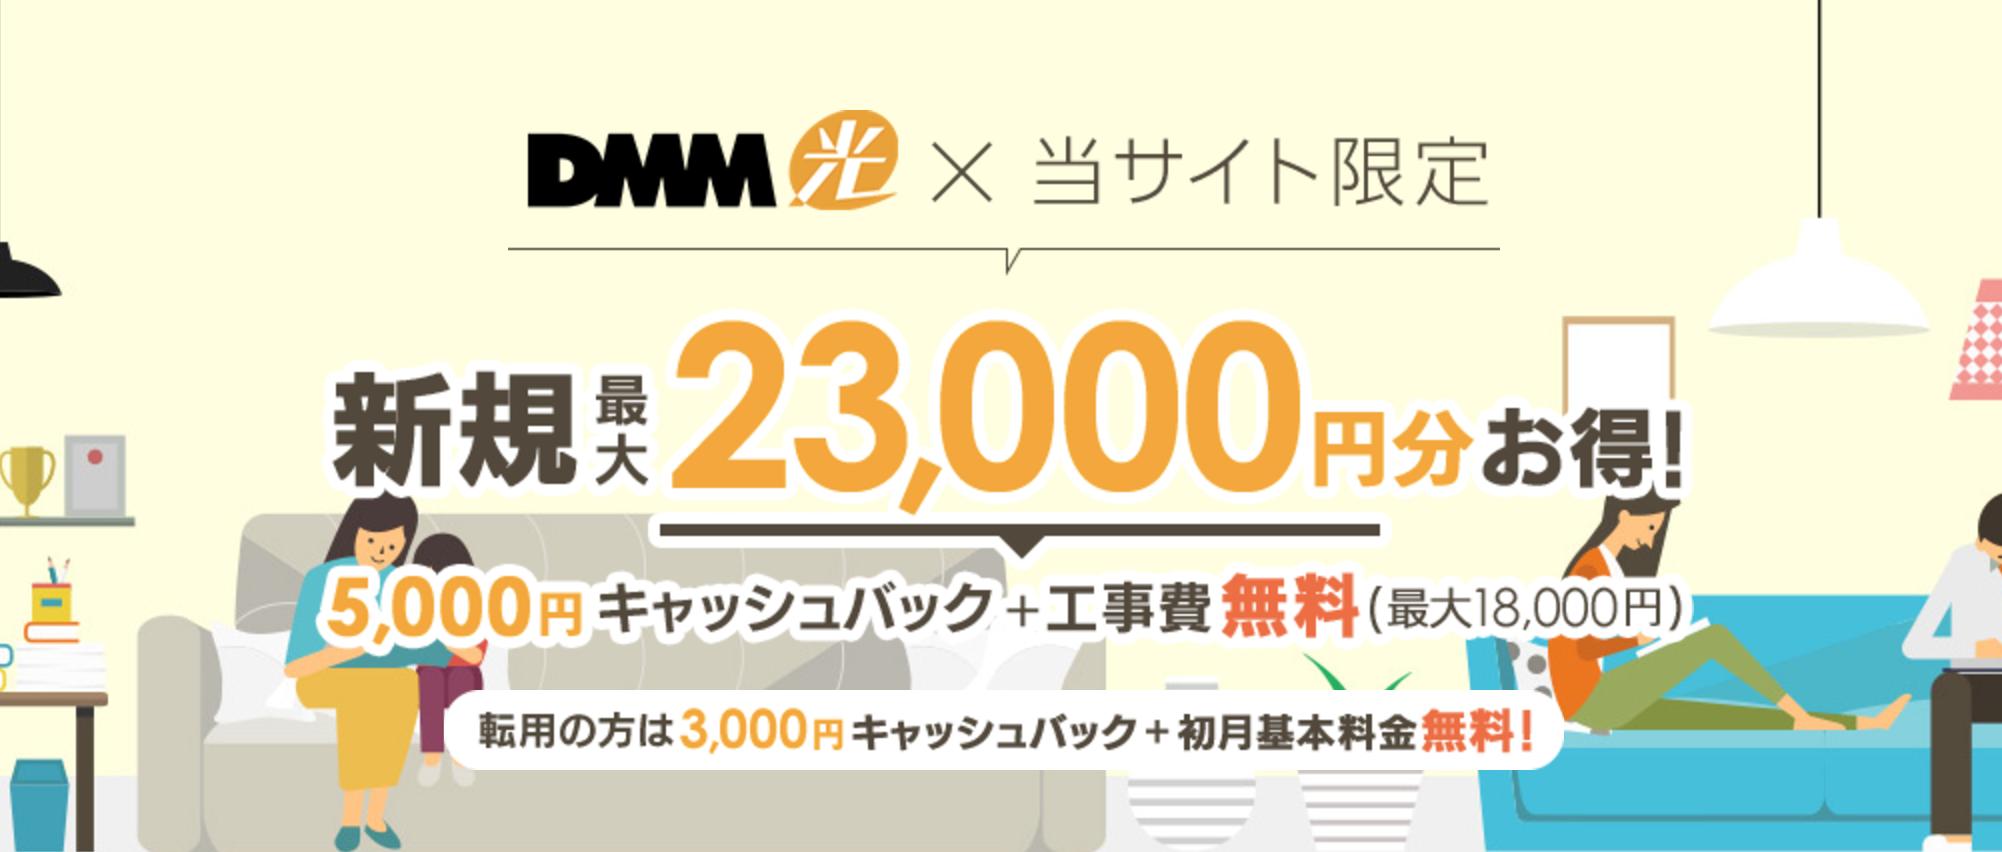 DMM光の割引キャンペーン